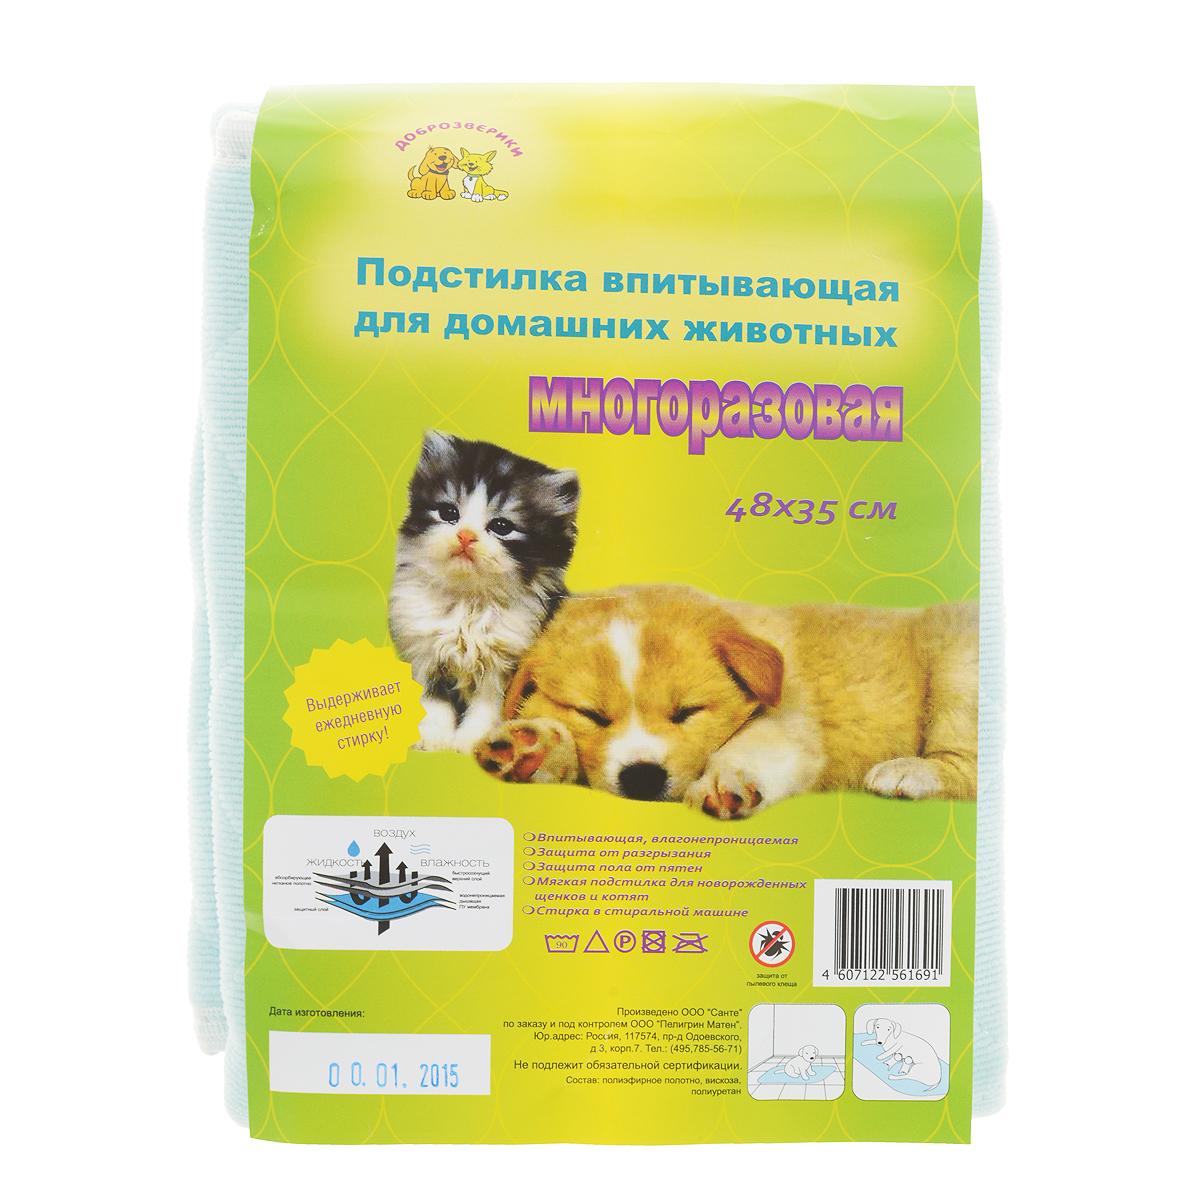 Подстилка многоразовая Доброзверики для домашних животных, впитывающая, 48 см х 35 см0120710Подстилка для домашних животных Доброзверики незаменима в поездке, при переноске животных, на приеме у ветеринара, на выставке, дома, для приучения к туалету или когда питомец долго остается без хозяина. Идеально подходит для новорожденных щенков и котят. Подстилка имеет 4 слоя: защитный слой, водонепроницаемая ПУ мембрана, абсорбирующее нетканое полотно, быстросохнущий верхний слой. Она прекрасно впитывает, влагонепроницаемая, защищает пол от пятен. Имеет защиту от разгрызания и от пылевого клеща. Подходит для стиральной машины. Состав: полиэфирное полотно, вискоза, полиуретан.